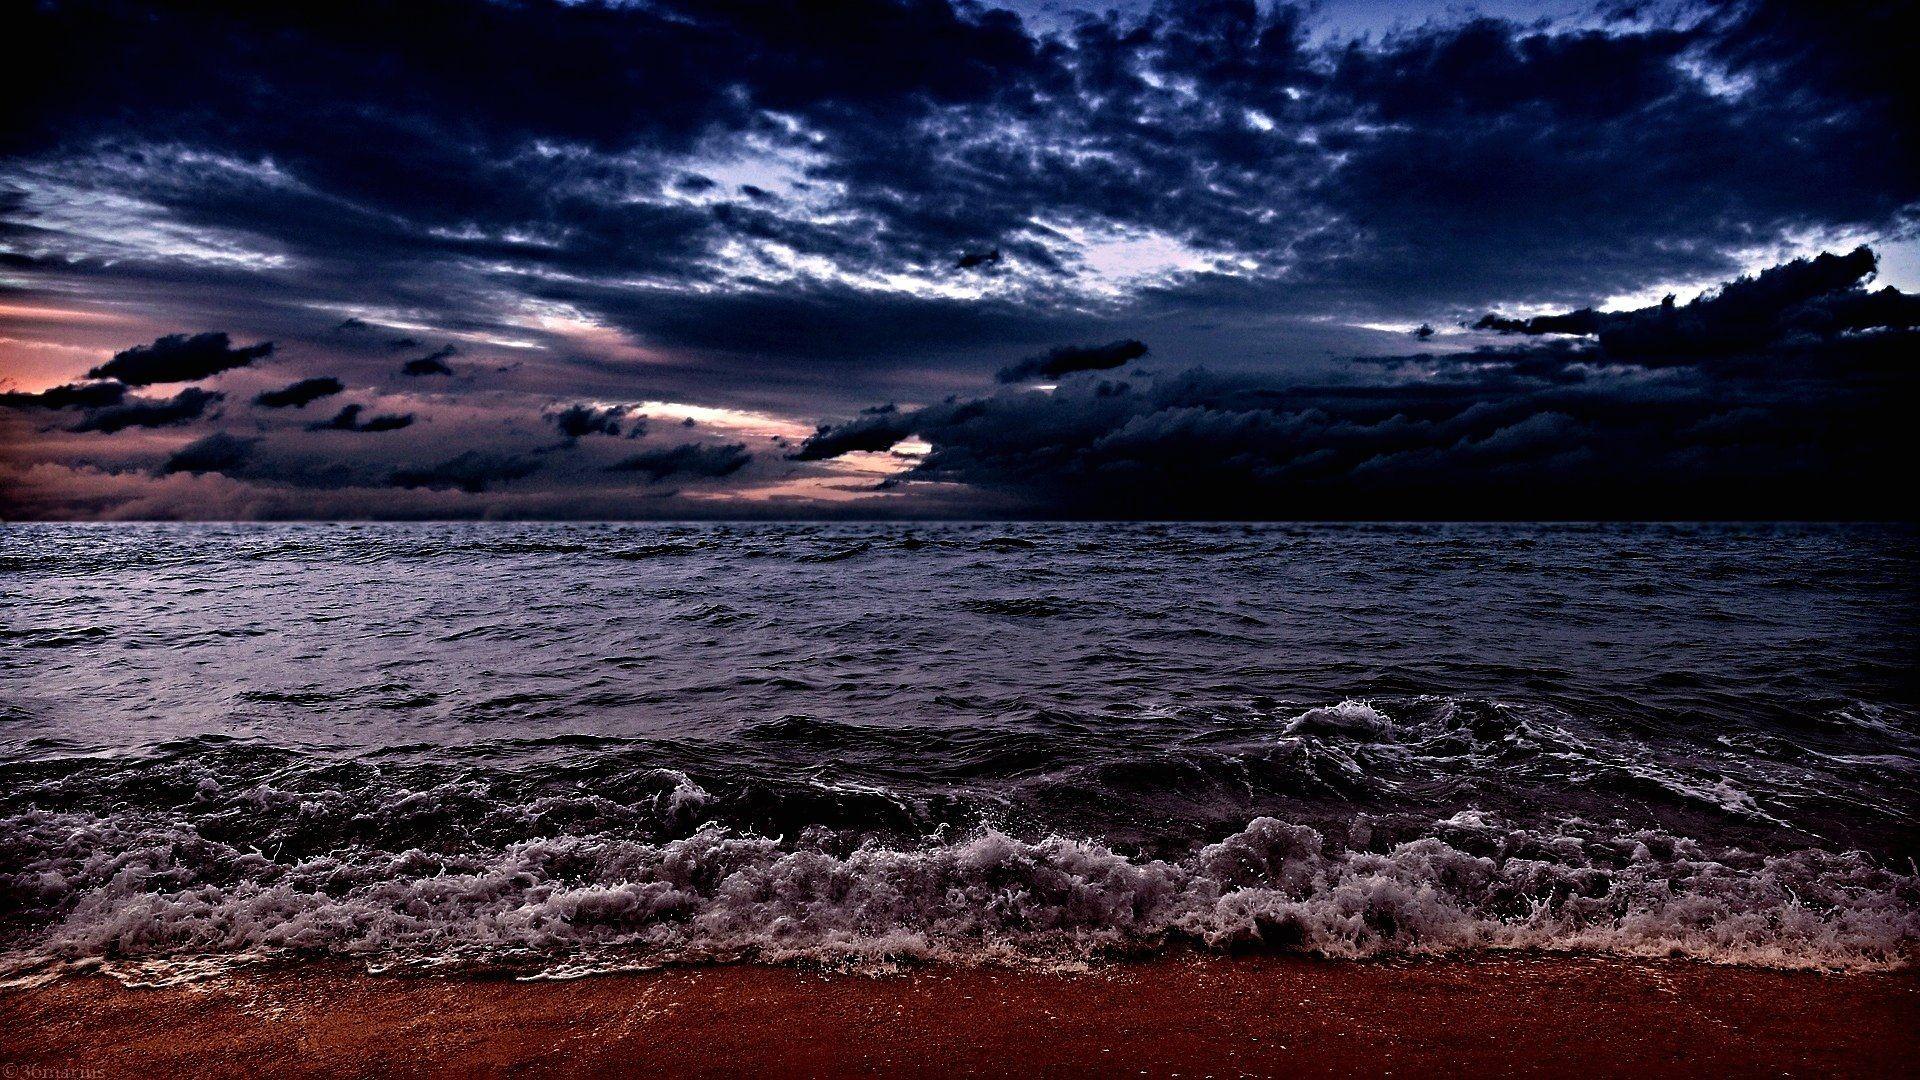 Res: 1920x1080, Dark Ocean Wallpaper Full HD #F4z